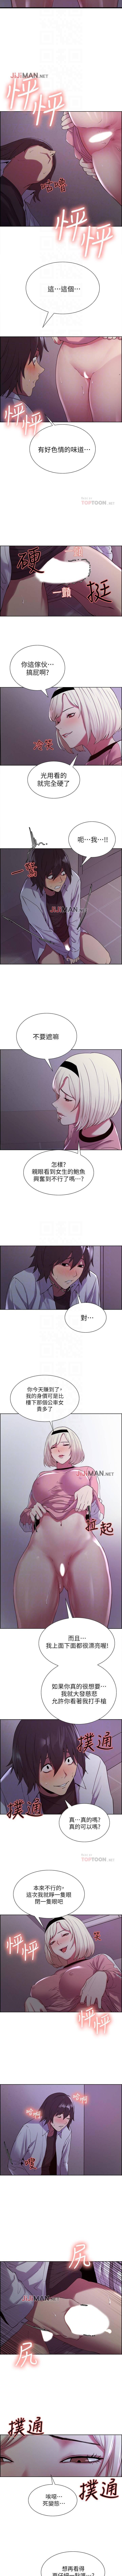 【周二连载】室友招募中(作者:Serious) 第1~15话 88